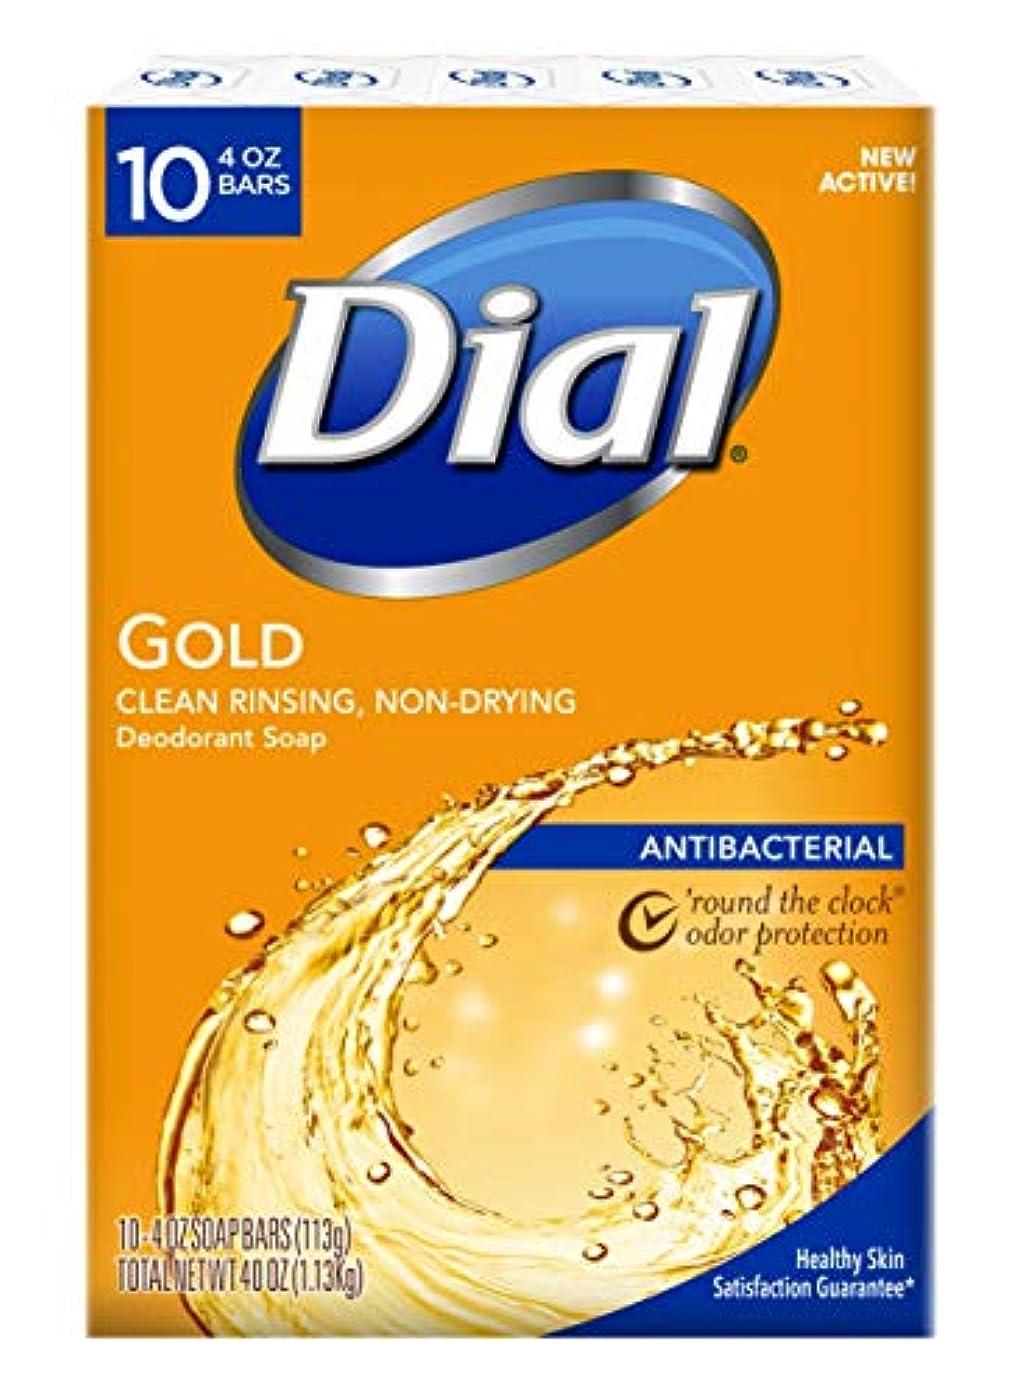 彼女自身ロープ百万Dial Antibacterial Deodorant Bar Soap, Gold, 4-Ounce Bars, 10 Count (Pack of 3)